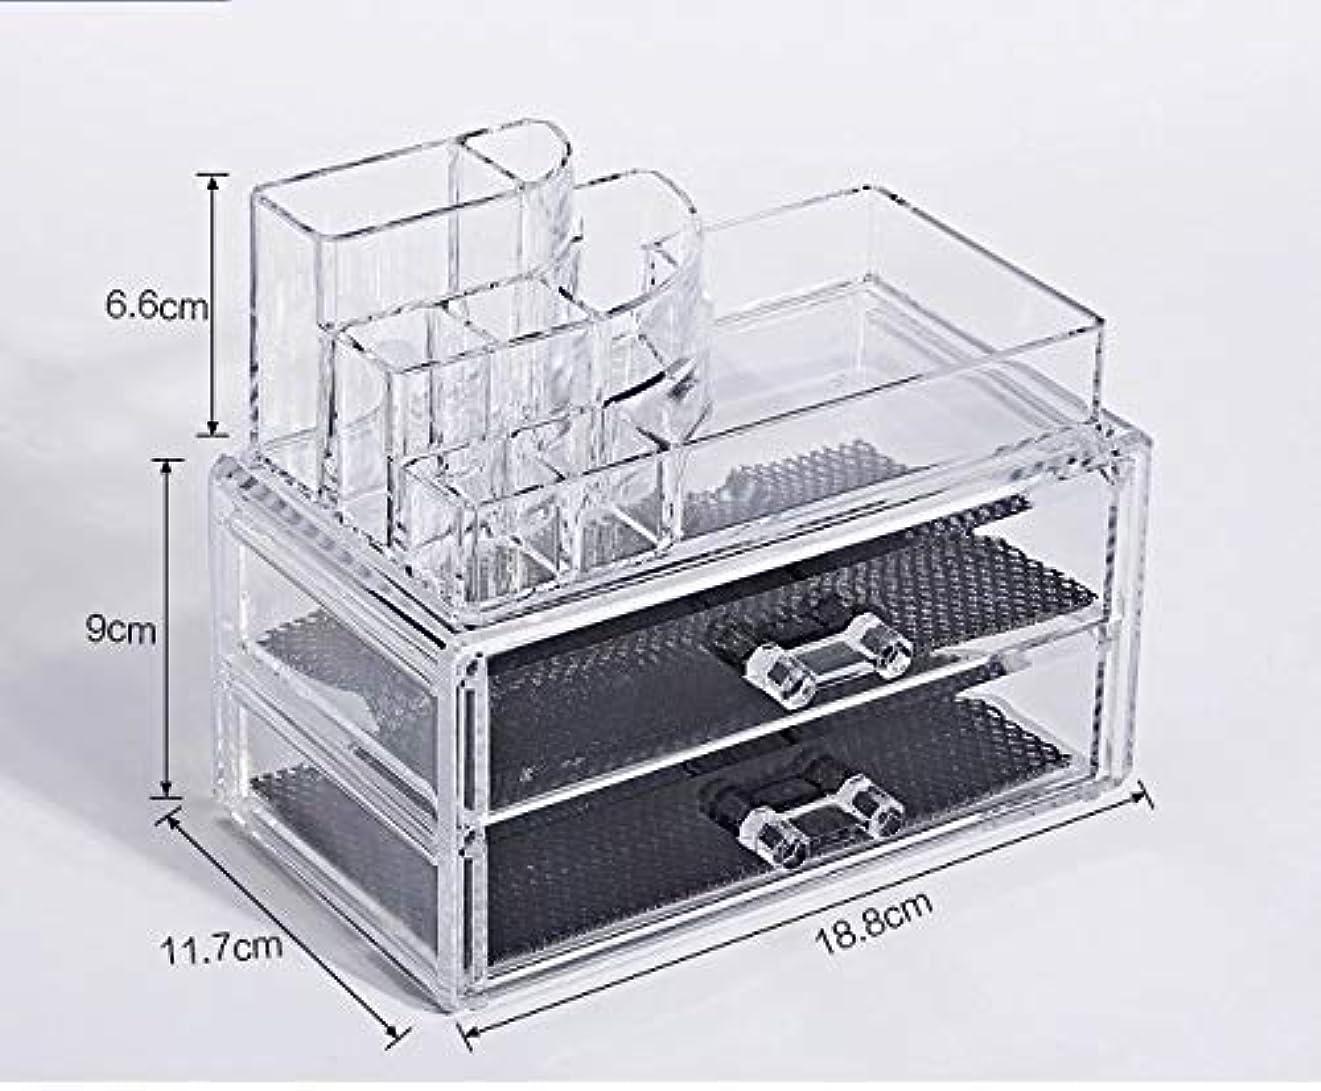 スクワイア代数コンチネンタル化粧品収納ボックス メイクボックス 化粧品 収納 ニオイなし 騒音なし 防塵 高透明度 強い耐久性